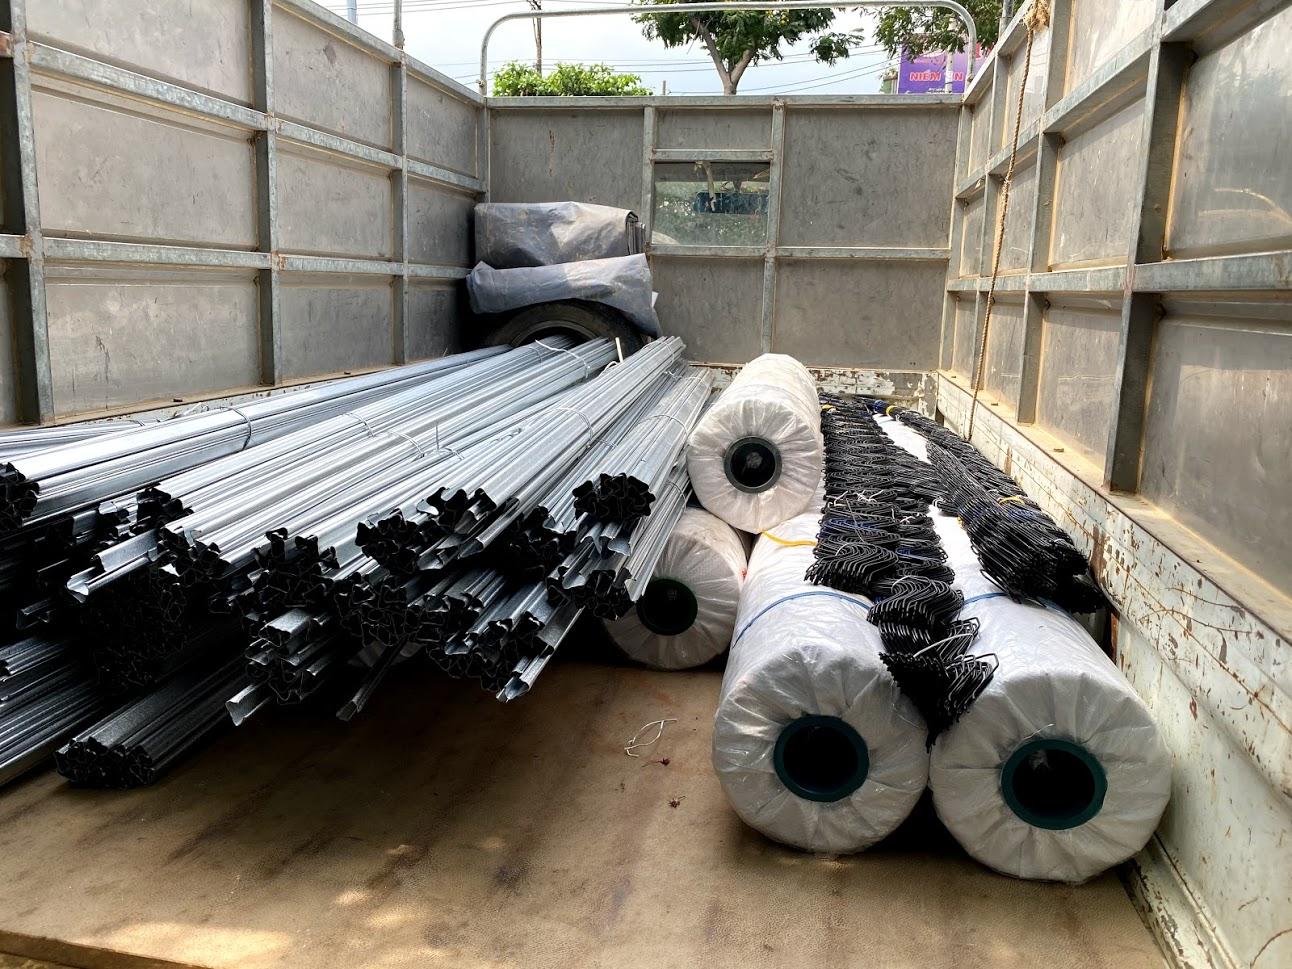 cuộn màng nhà kính nông nghiệp Apollo Hàn Quốc